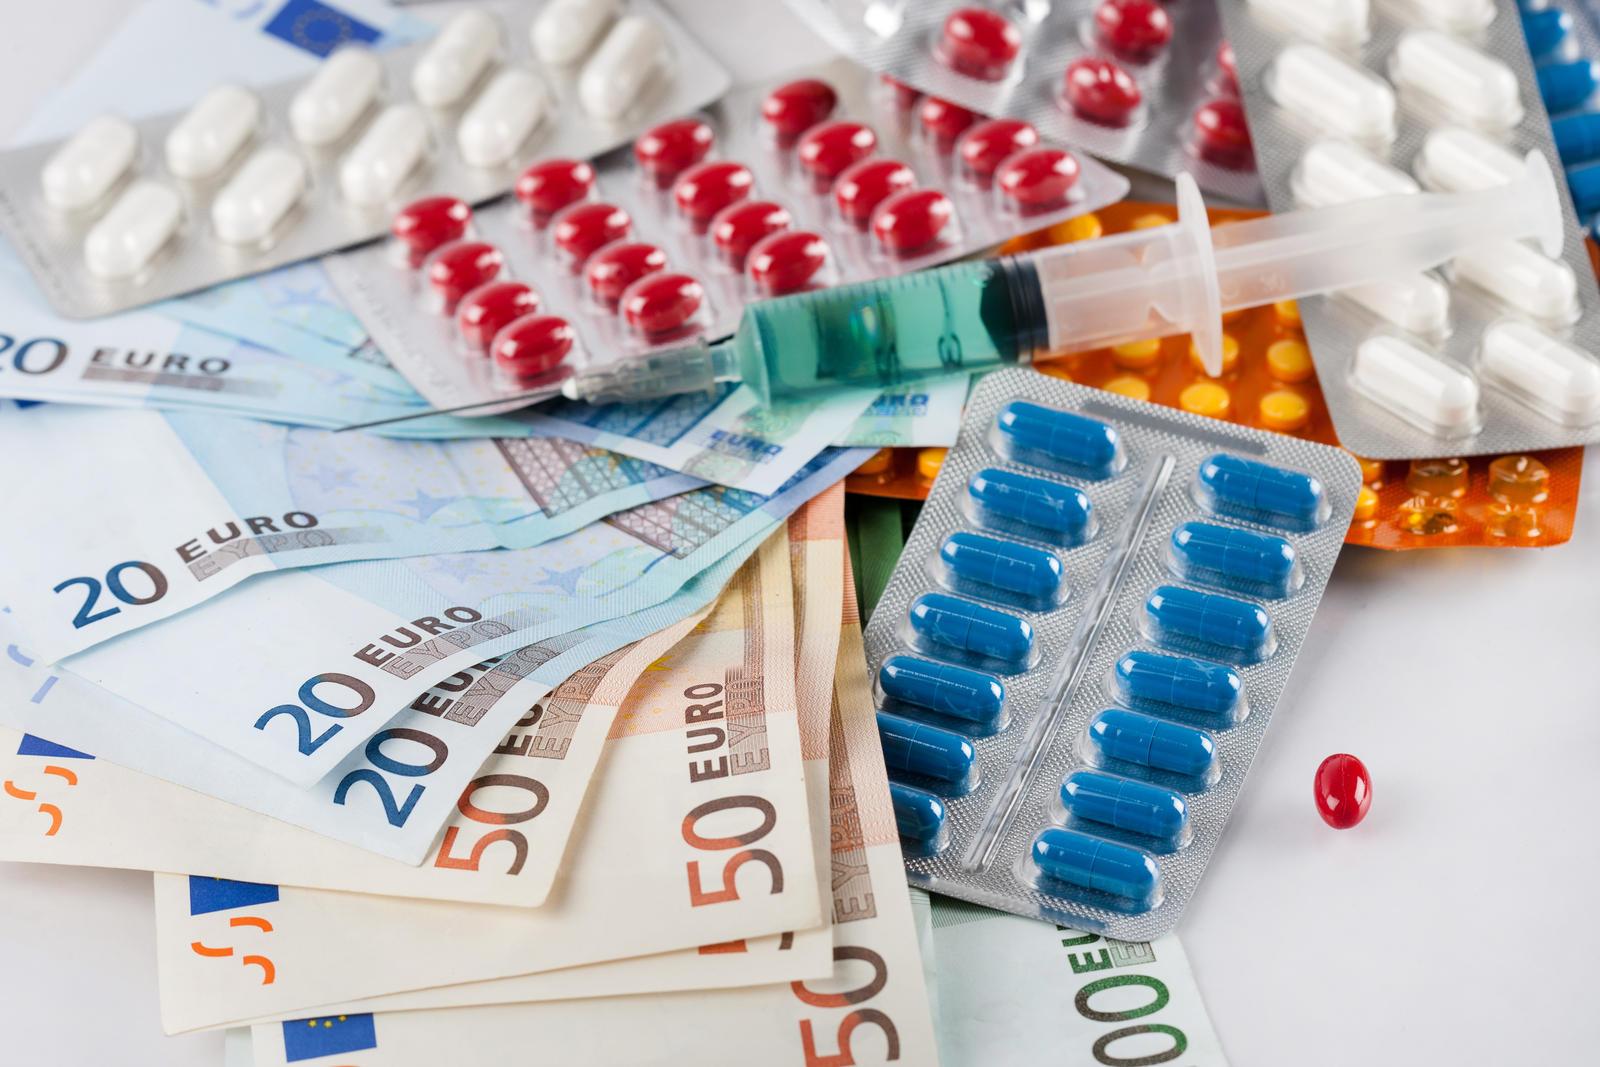 vaistų nuo hipertenzijos už sumažintą kainą sąrašą